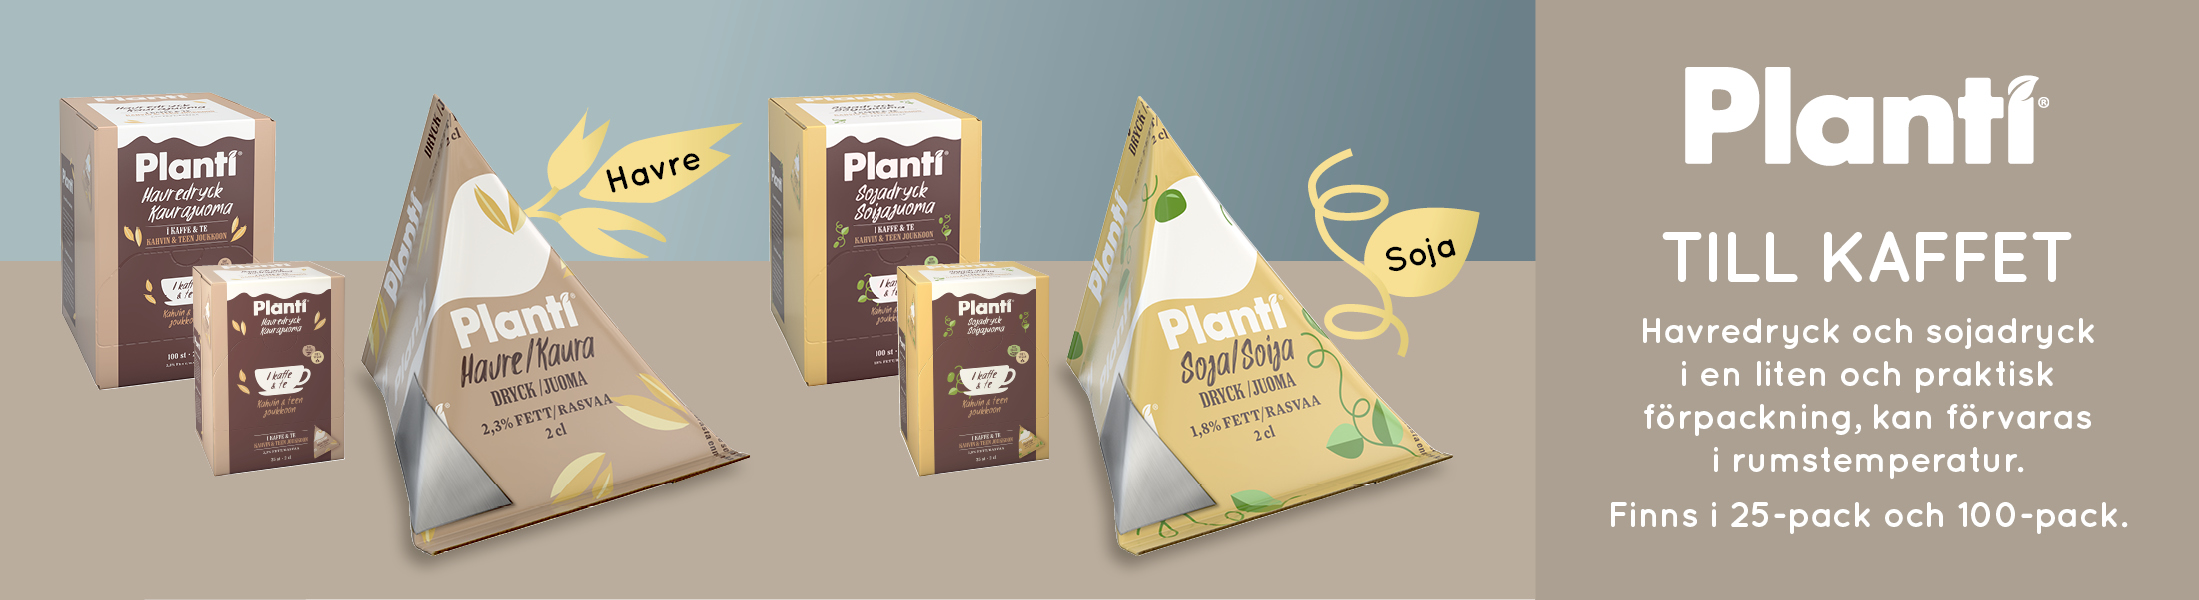 Banner på Planti minitetra - text Planti till Kaffet. Havredryck och sojadryck i en liten och praktisk förpackning, kan förvaras i rumstempratur. Finns i 25-pack och 100-pack.